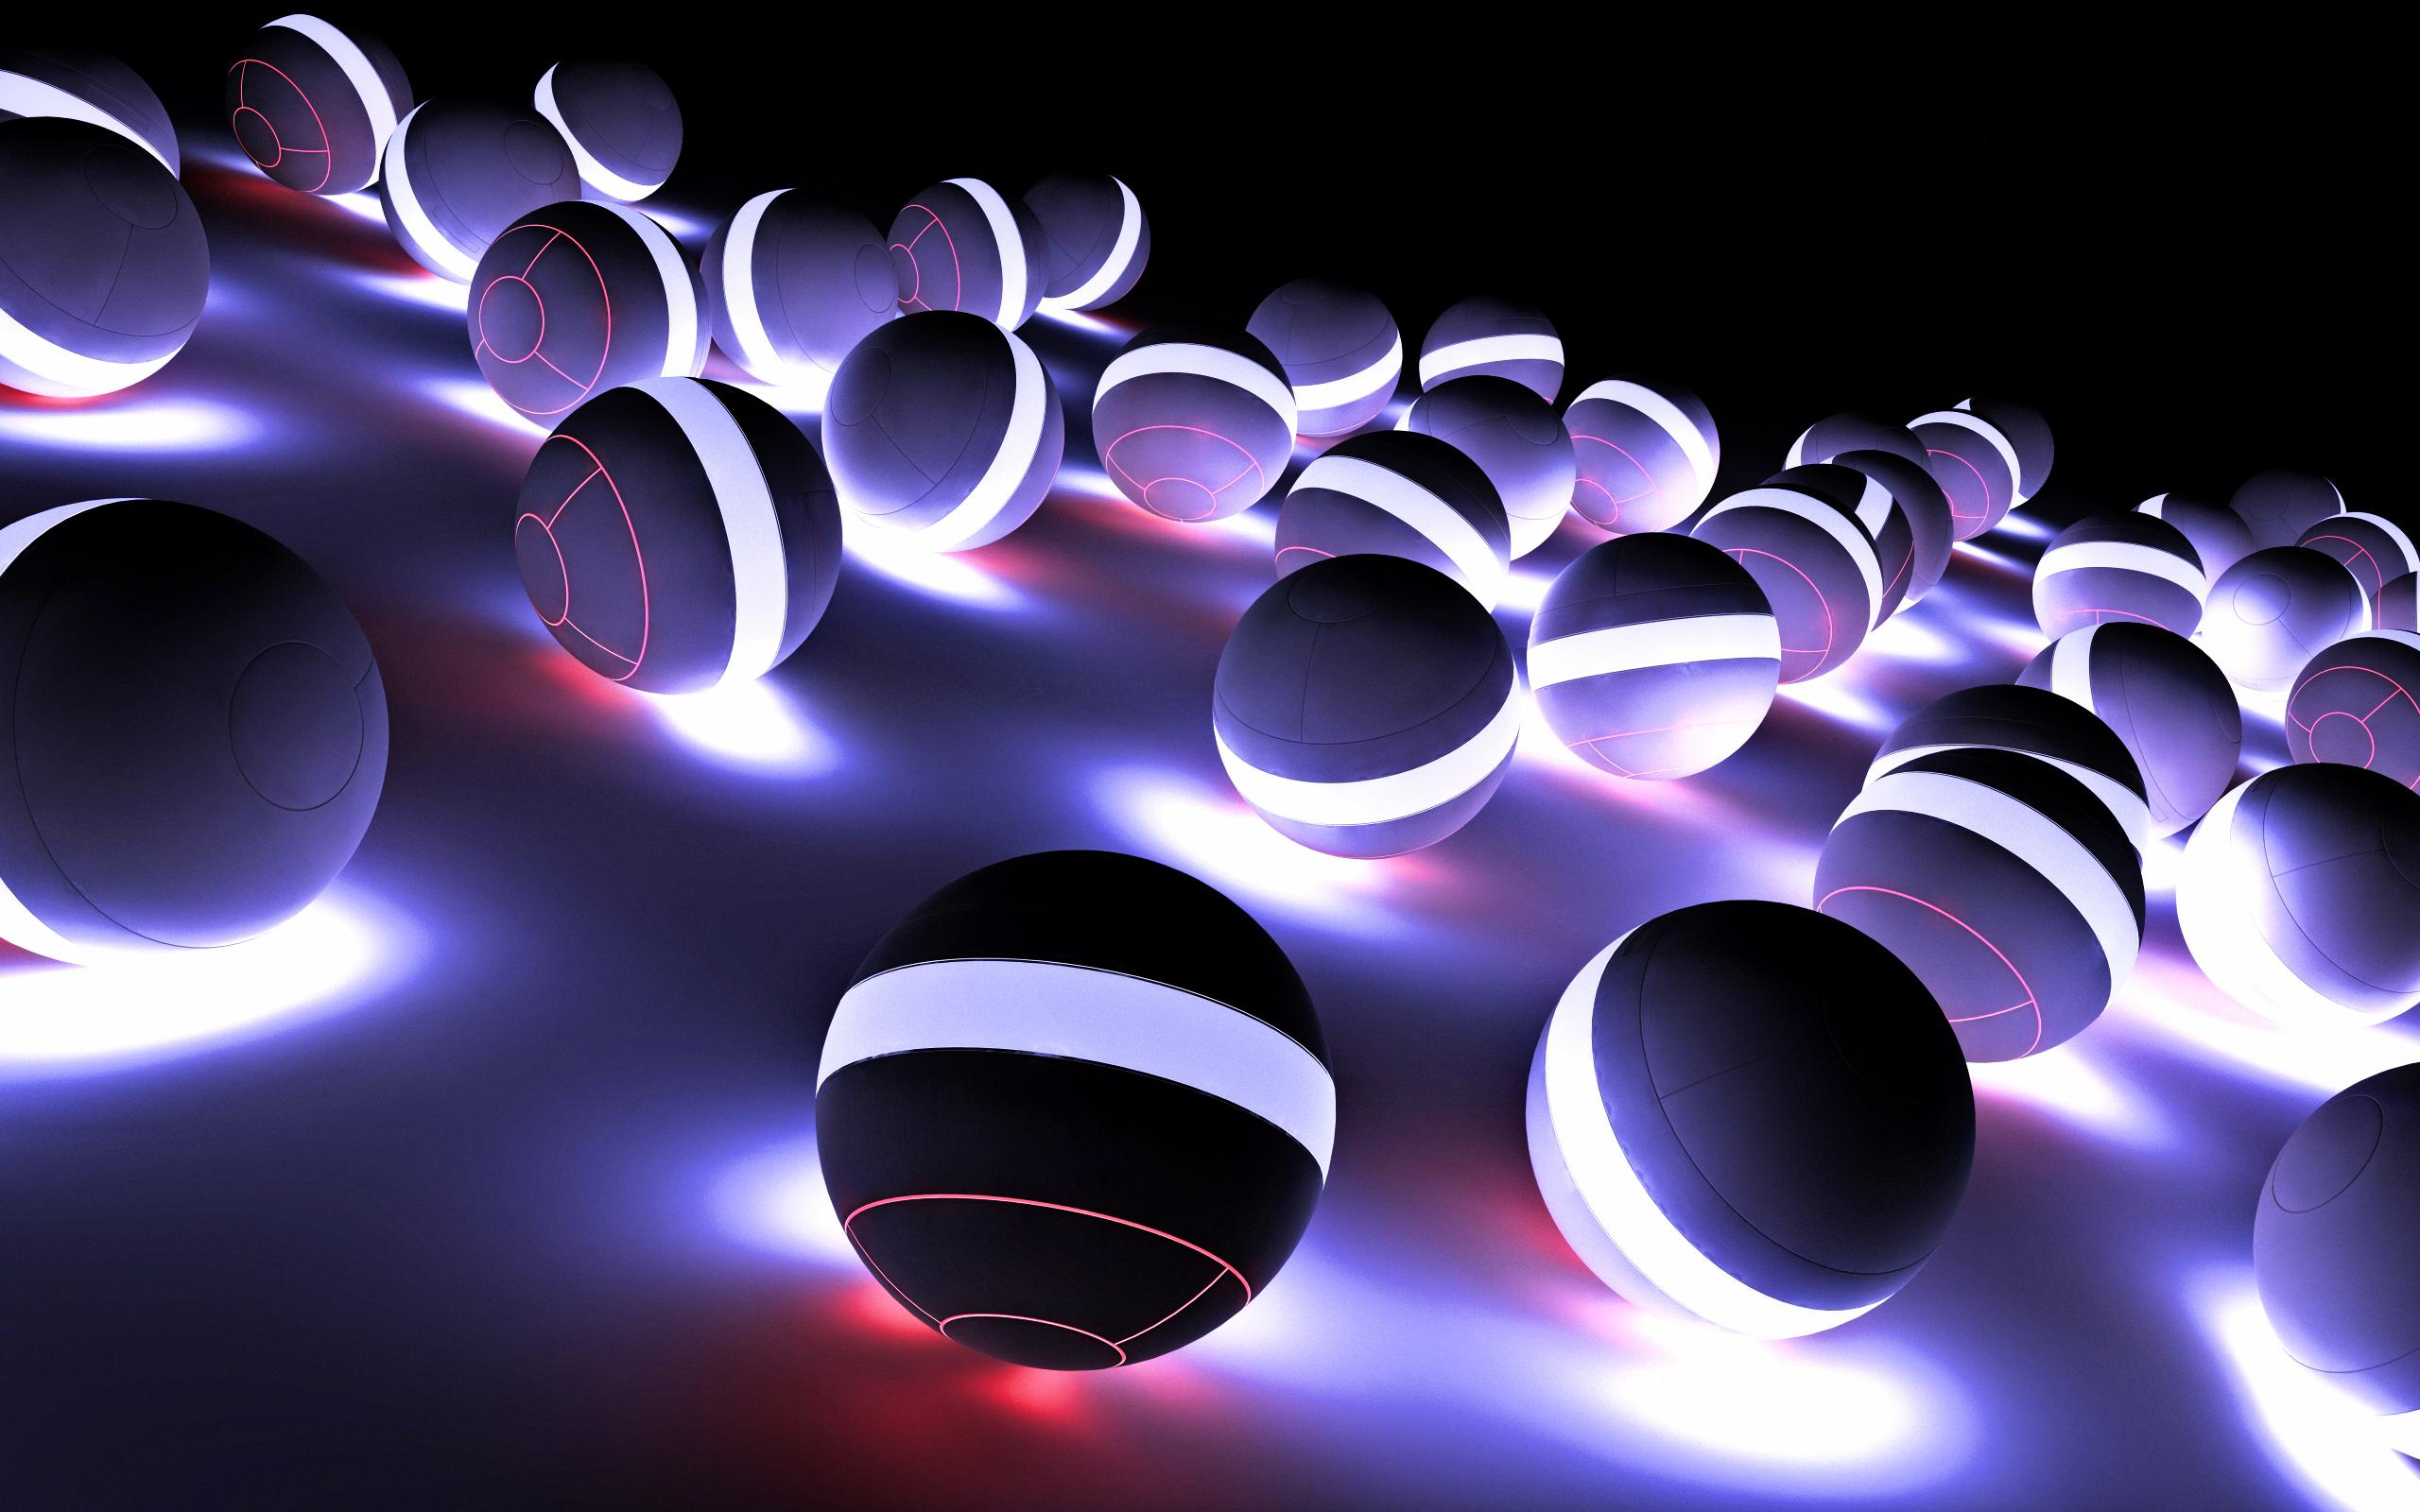 3d neon ball wallpapers - 2560x1600 - 2386008